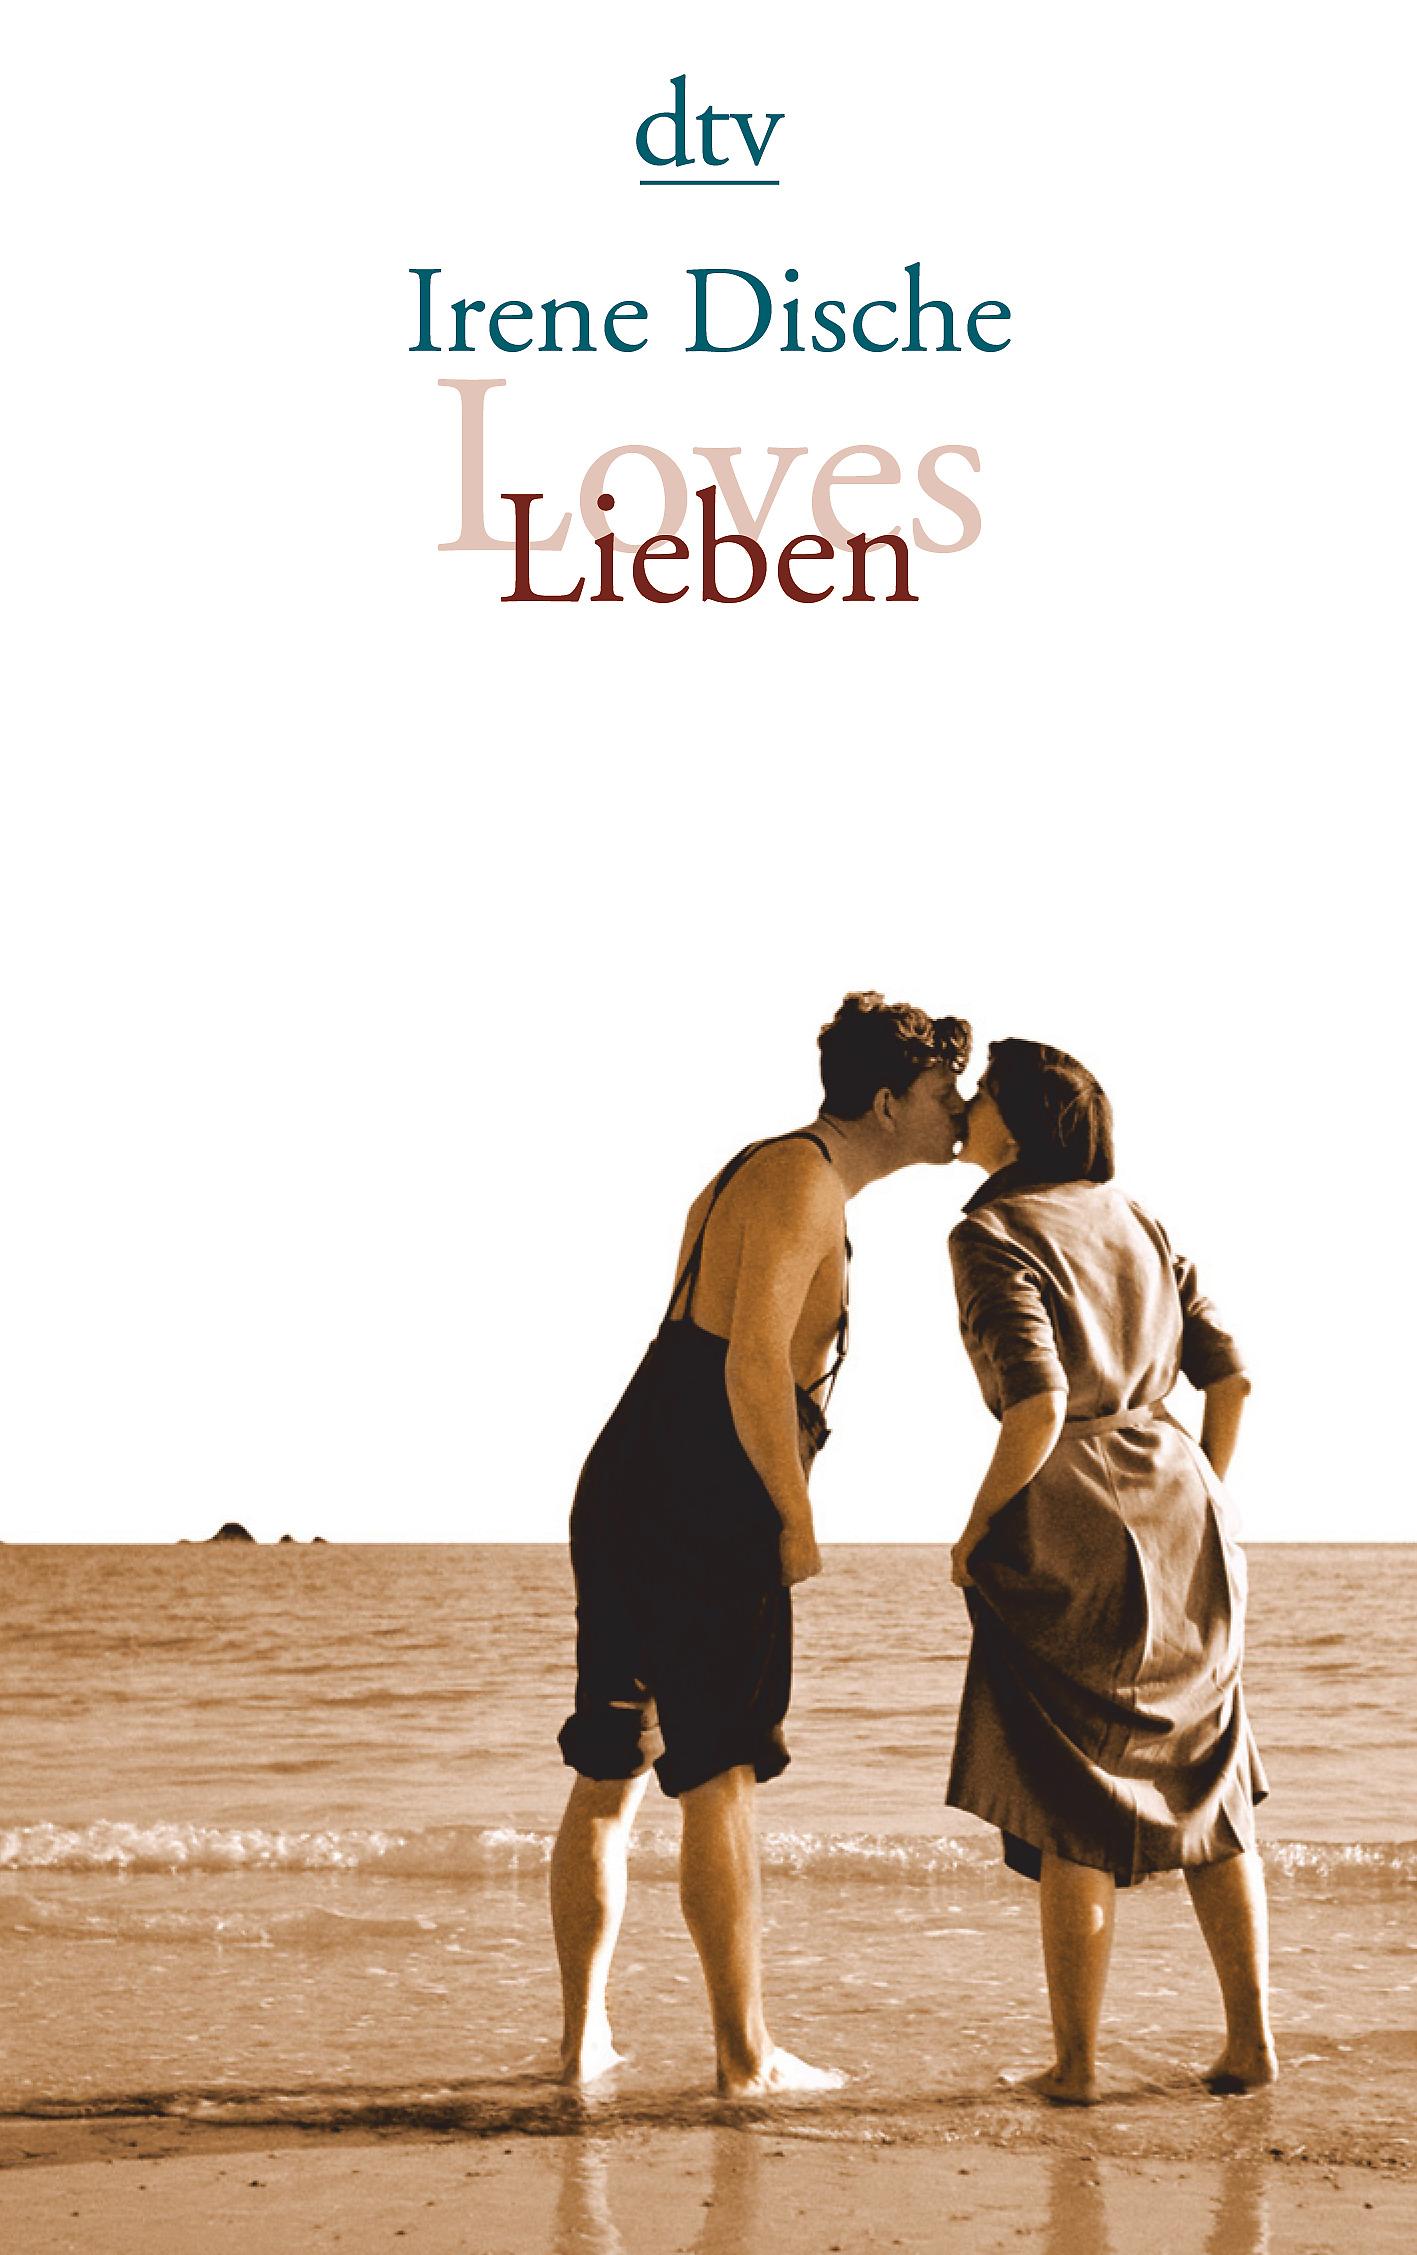 Loves / Lieben: Irene Dische